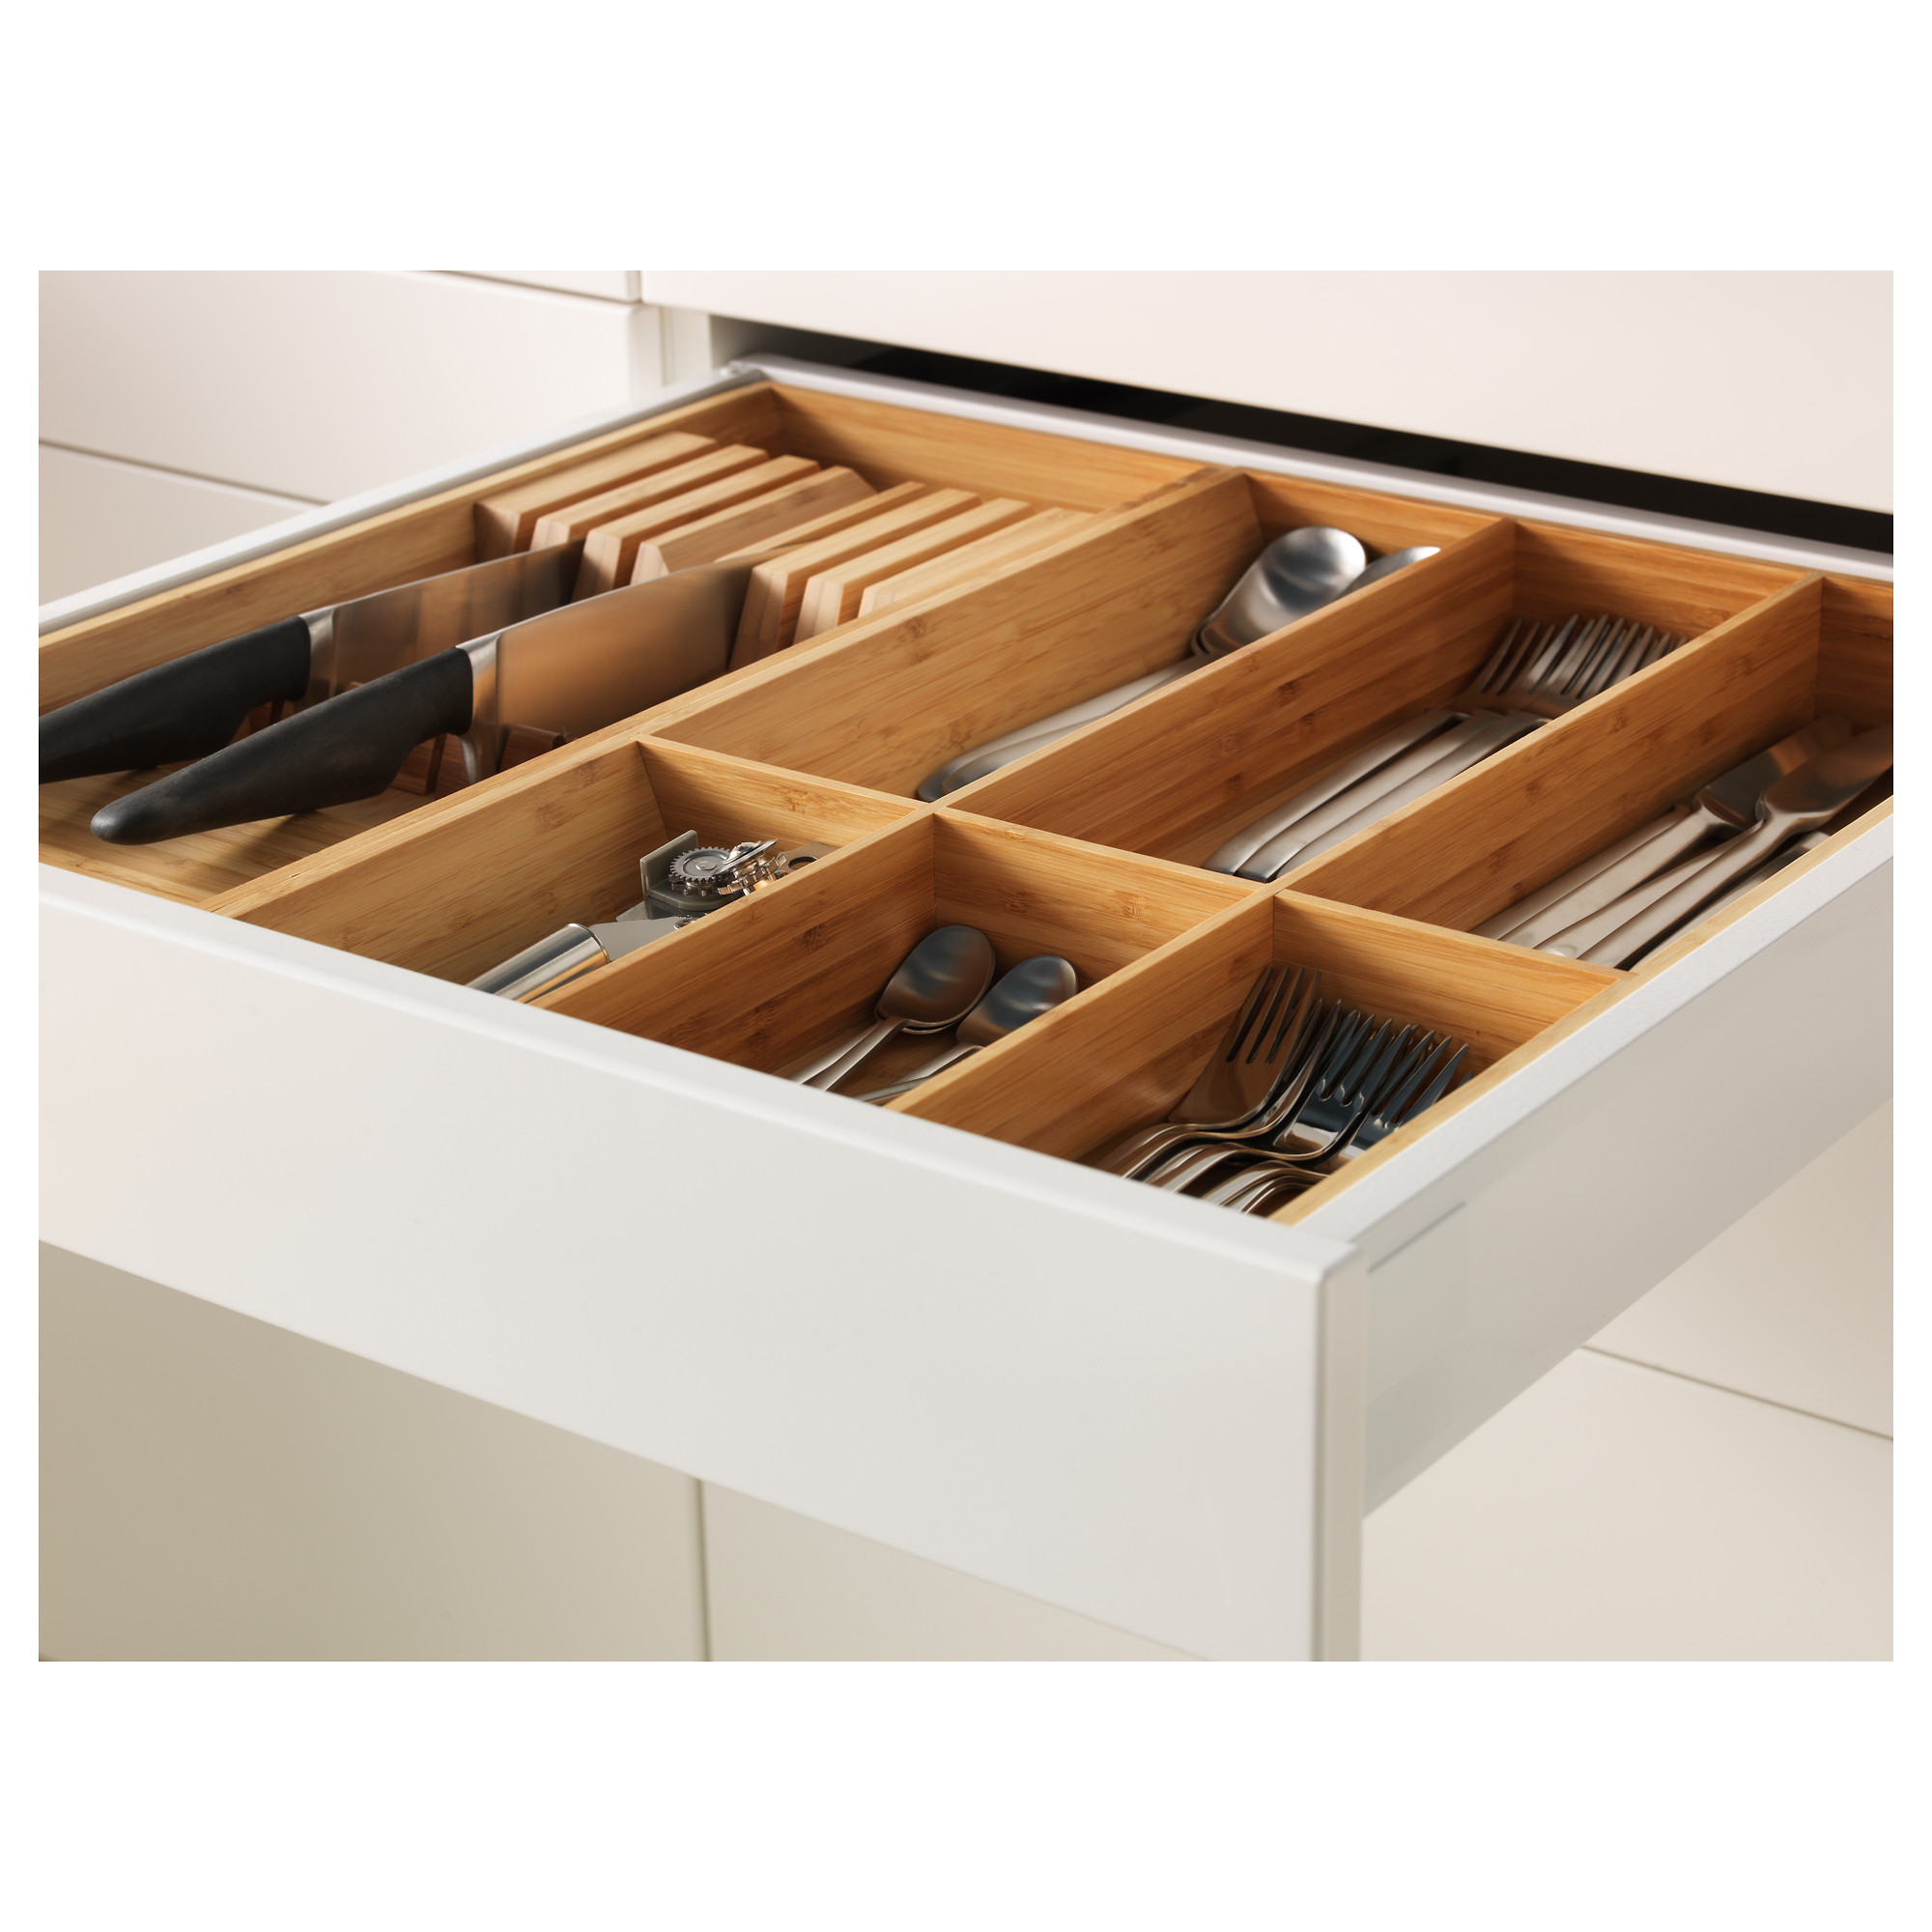 Высокий шкаф + полки, 5 ящиков, 2 дверцы, 2 фронтальных МЕТОД / МАКСИМЕРА черный артикуль № 492.364.69 в наличии. Онлайн каталог IKEA Беларусь. Недорогая доставка и монтаж.